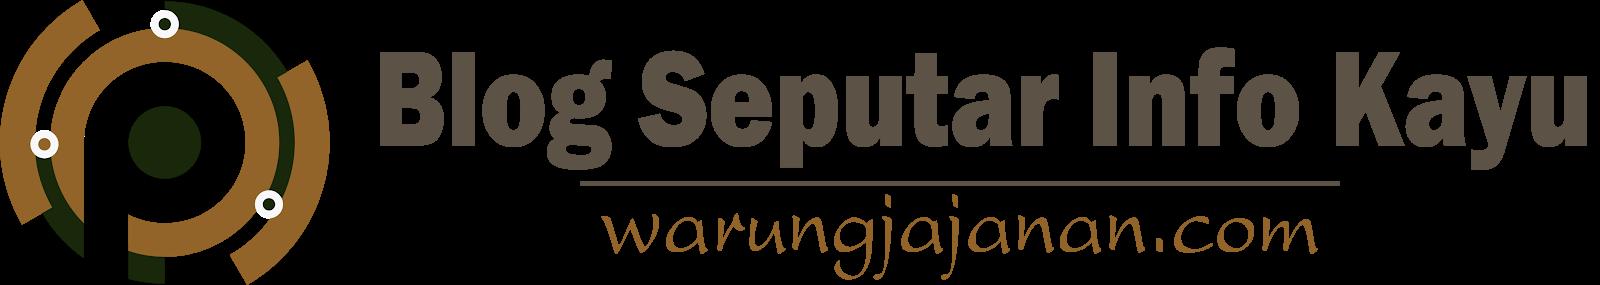 Blog Seputar Info Kayu | Warung Jajanan